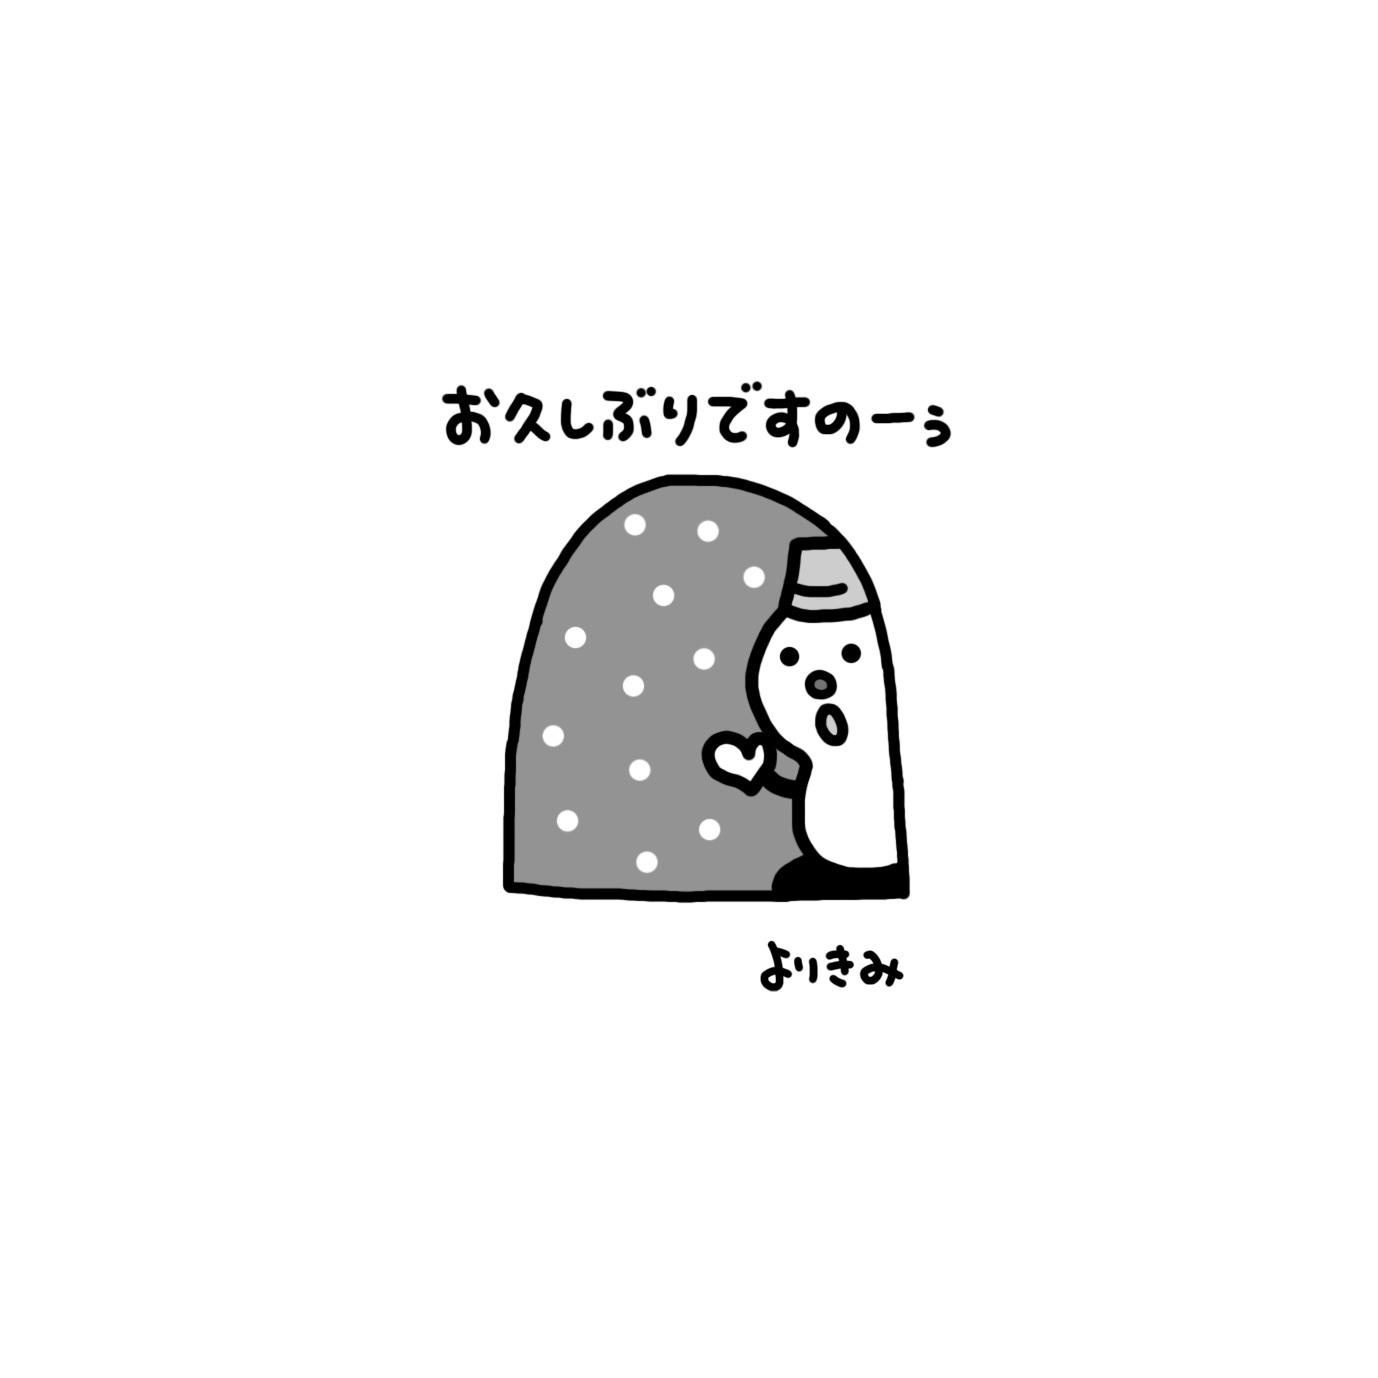 「お久しぶりですのーぅ」_b0044915_16132915.jpg